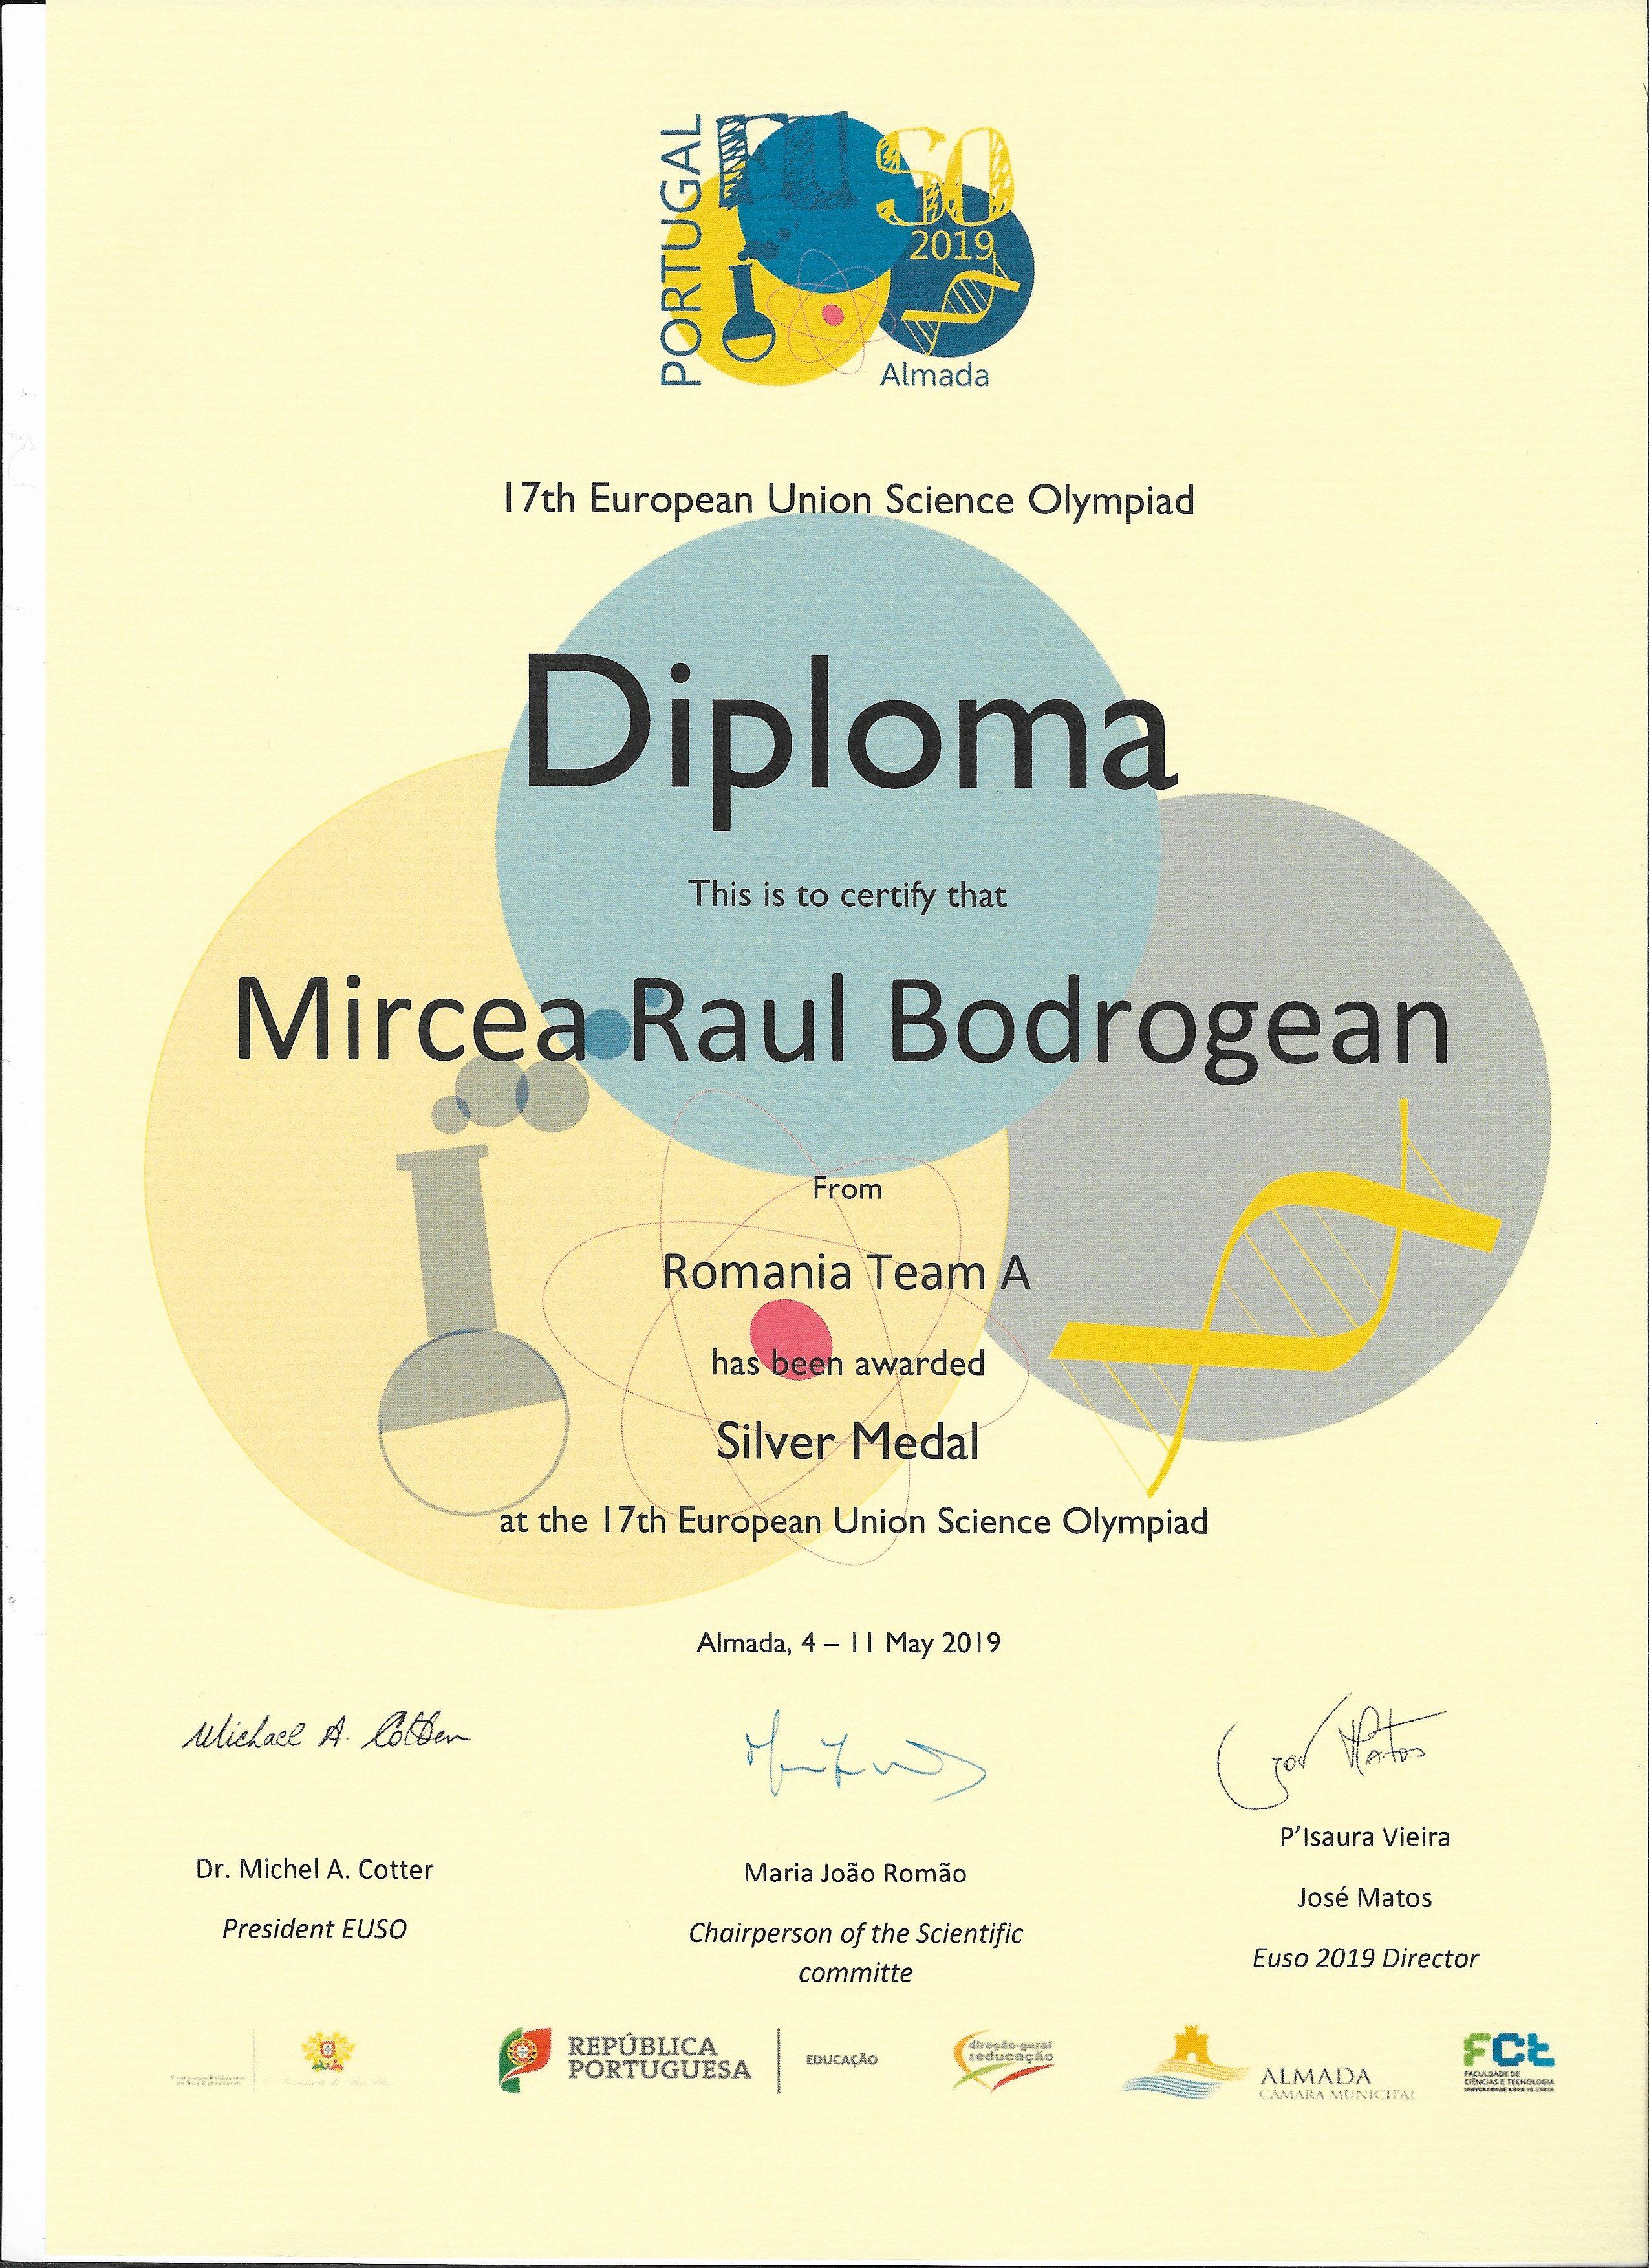 diploma euso 2019